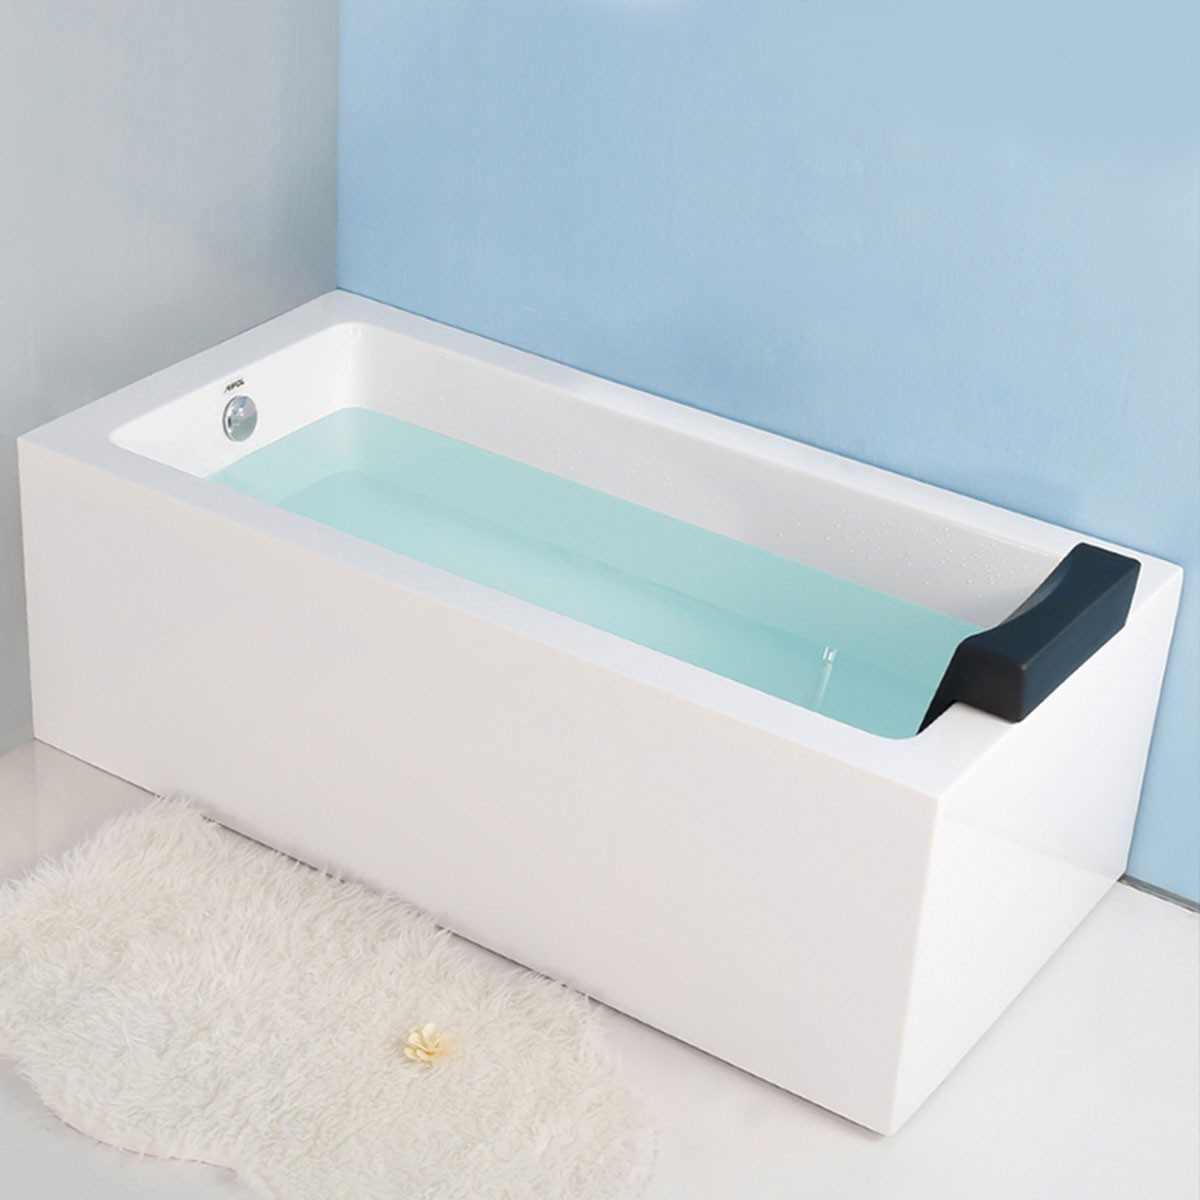 59 po baignoire d 39 angle rectangulaire en acrylique avec for Baignoire d angle avec porte